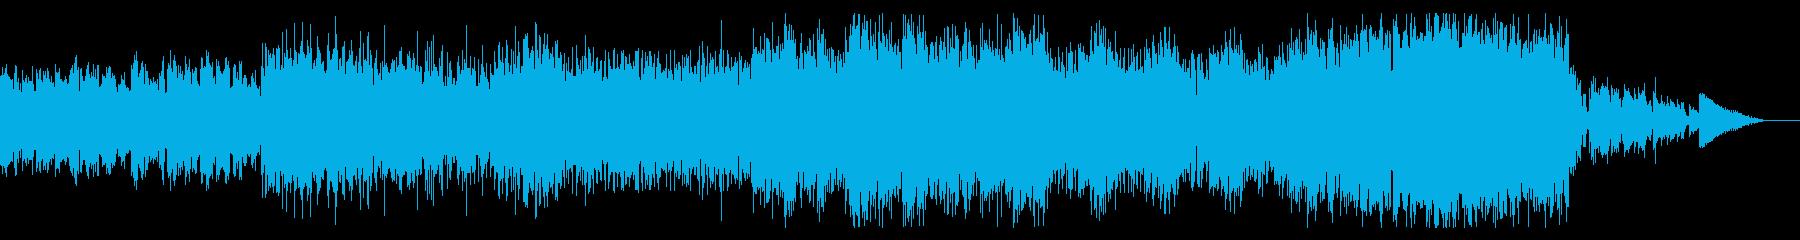 シネマティックなテクノ・ミュージックの再生済みの波形